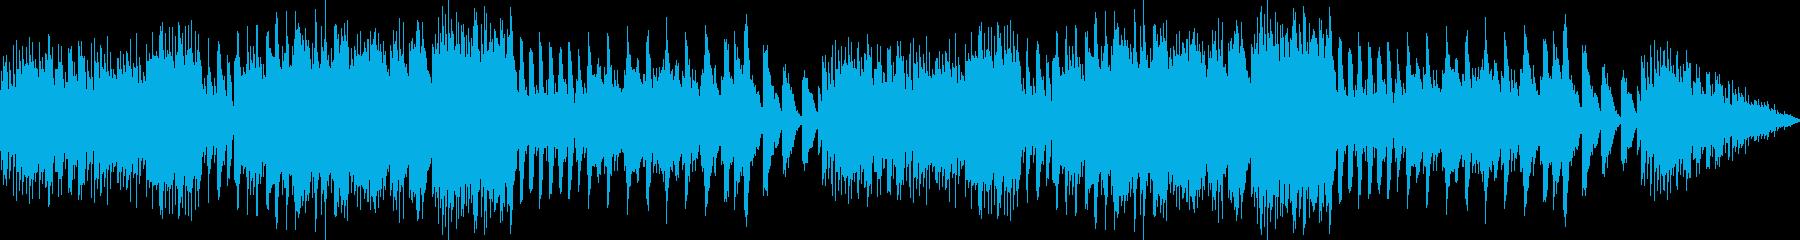 オルゴールの音色が落ち着ける癒しBGMの再生済みの波形